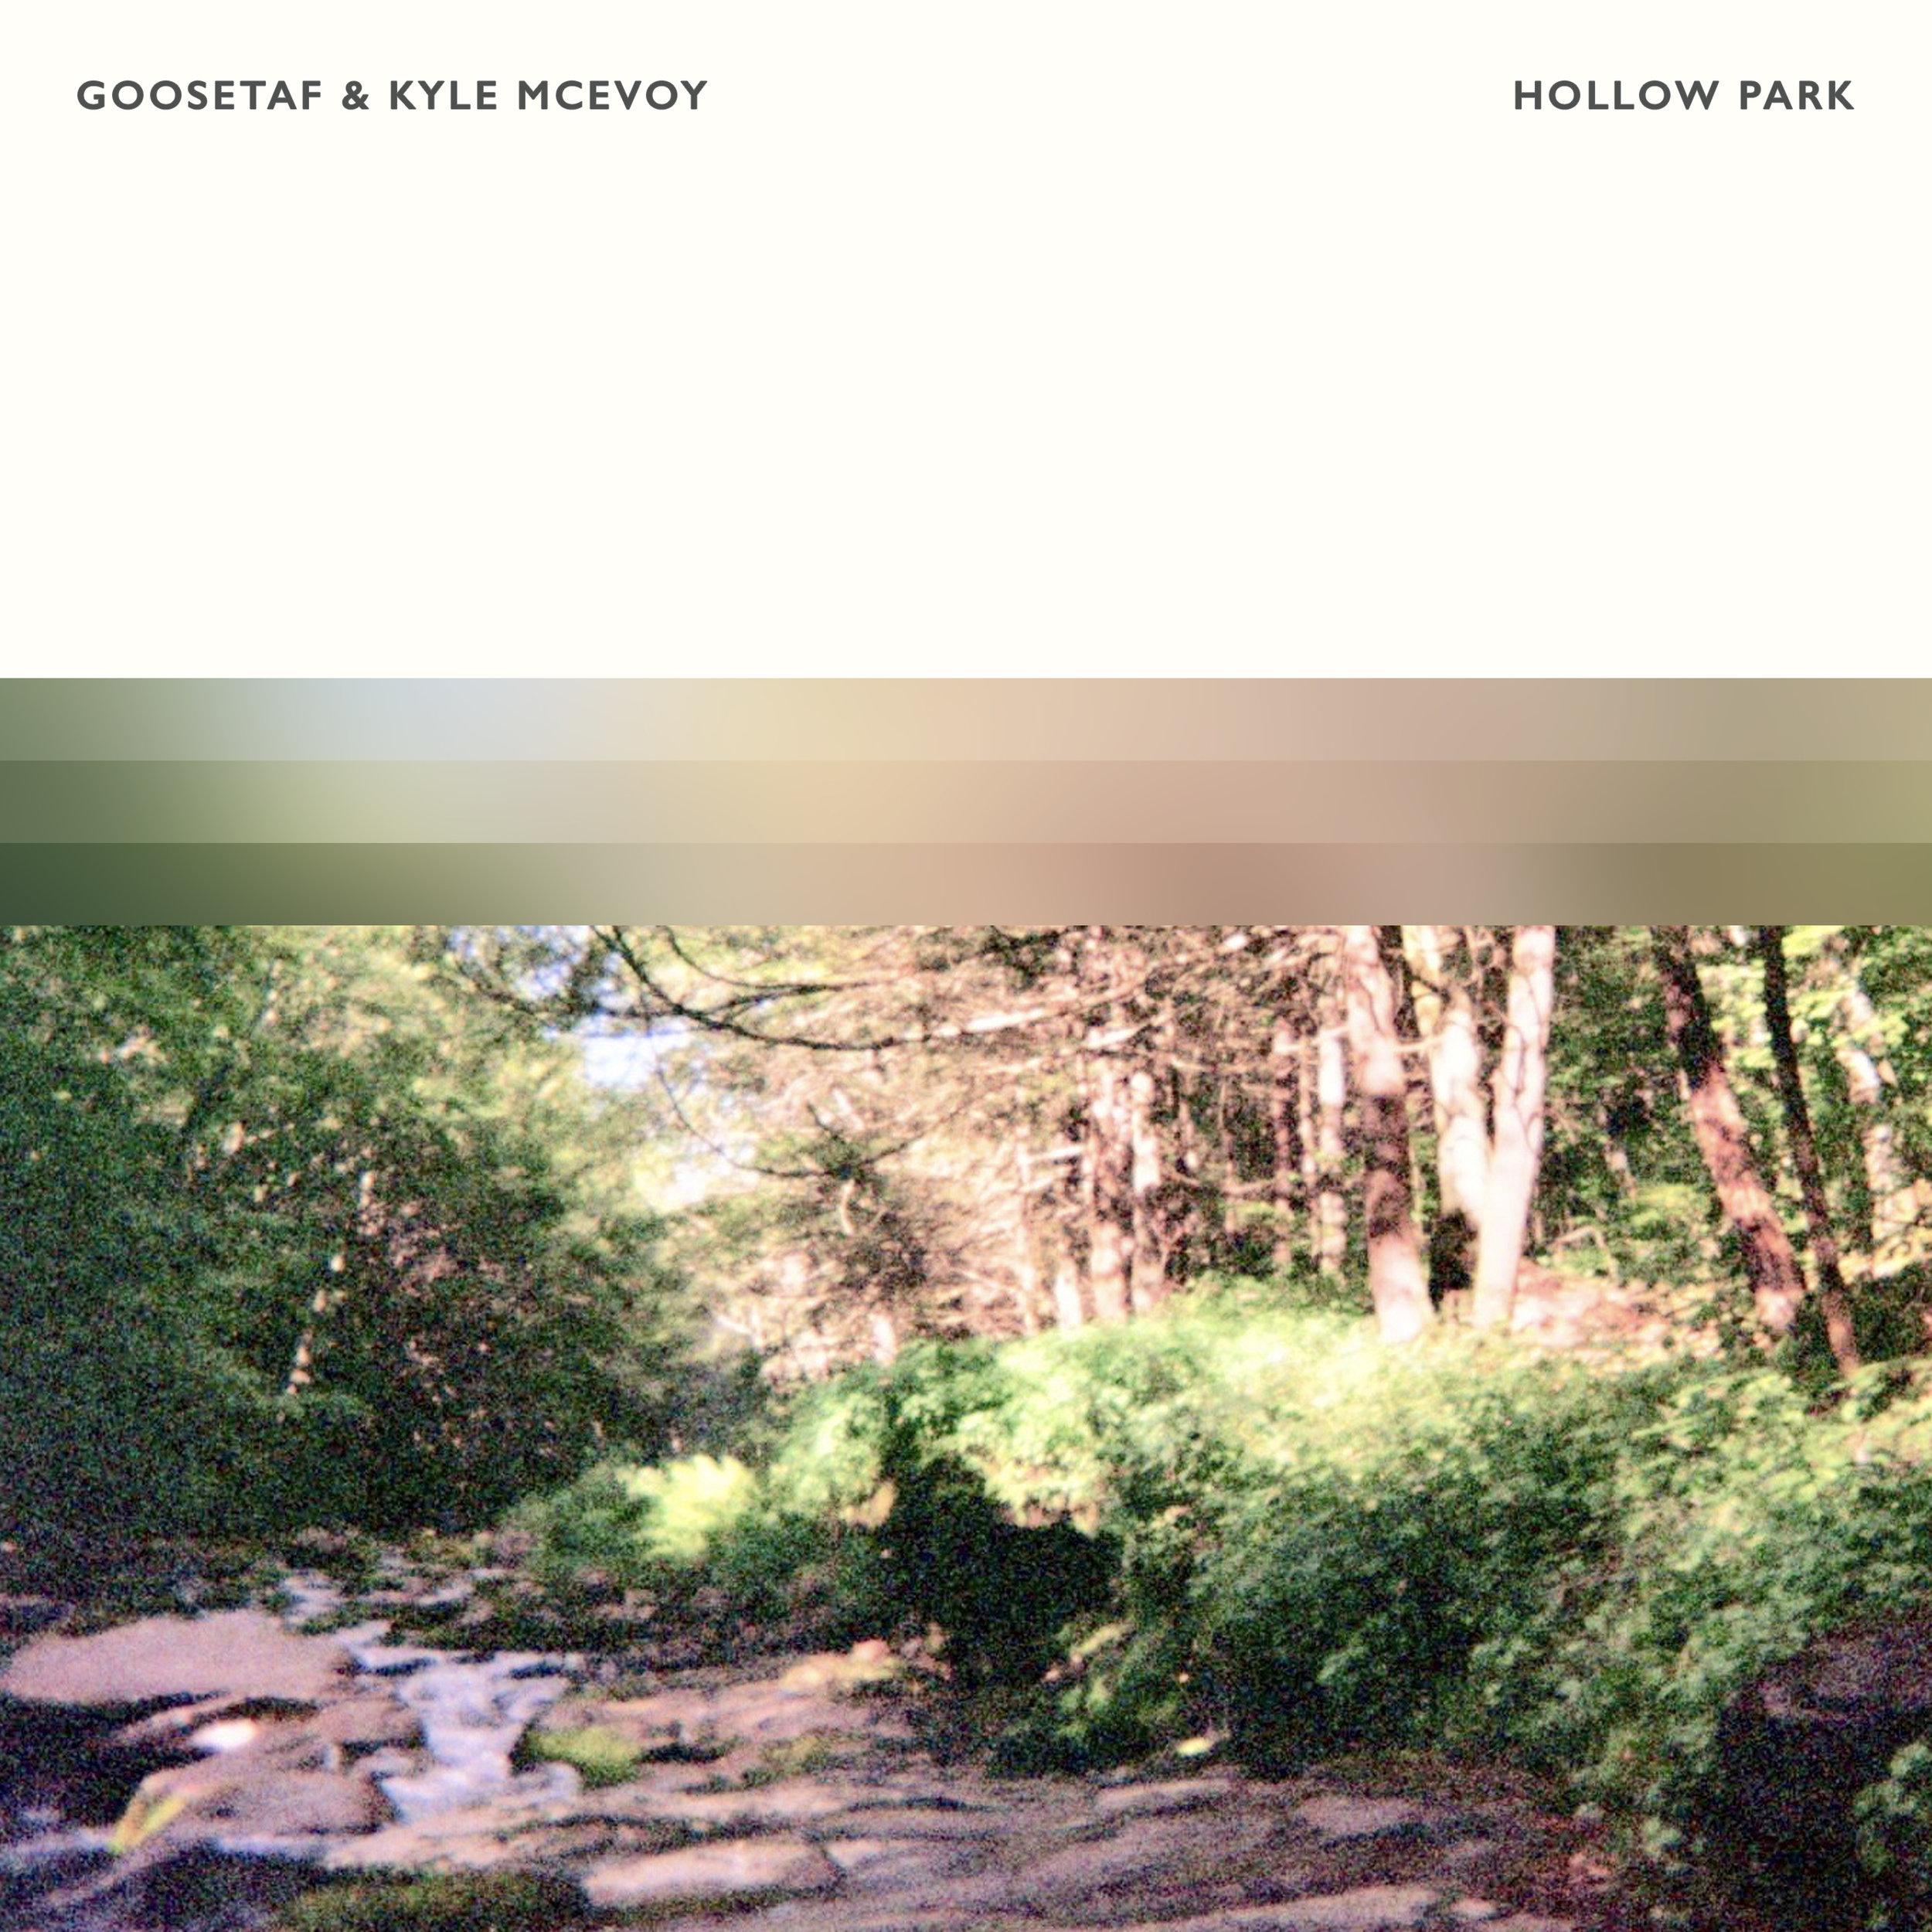 Goosetaf & Kyle McEvoy - Hollow Park